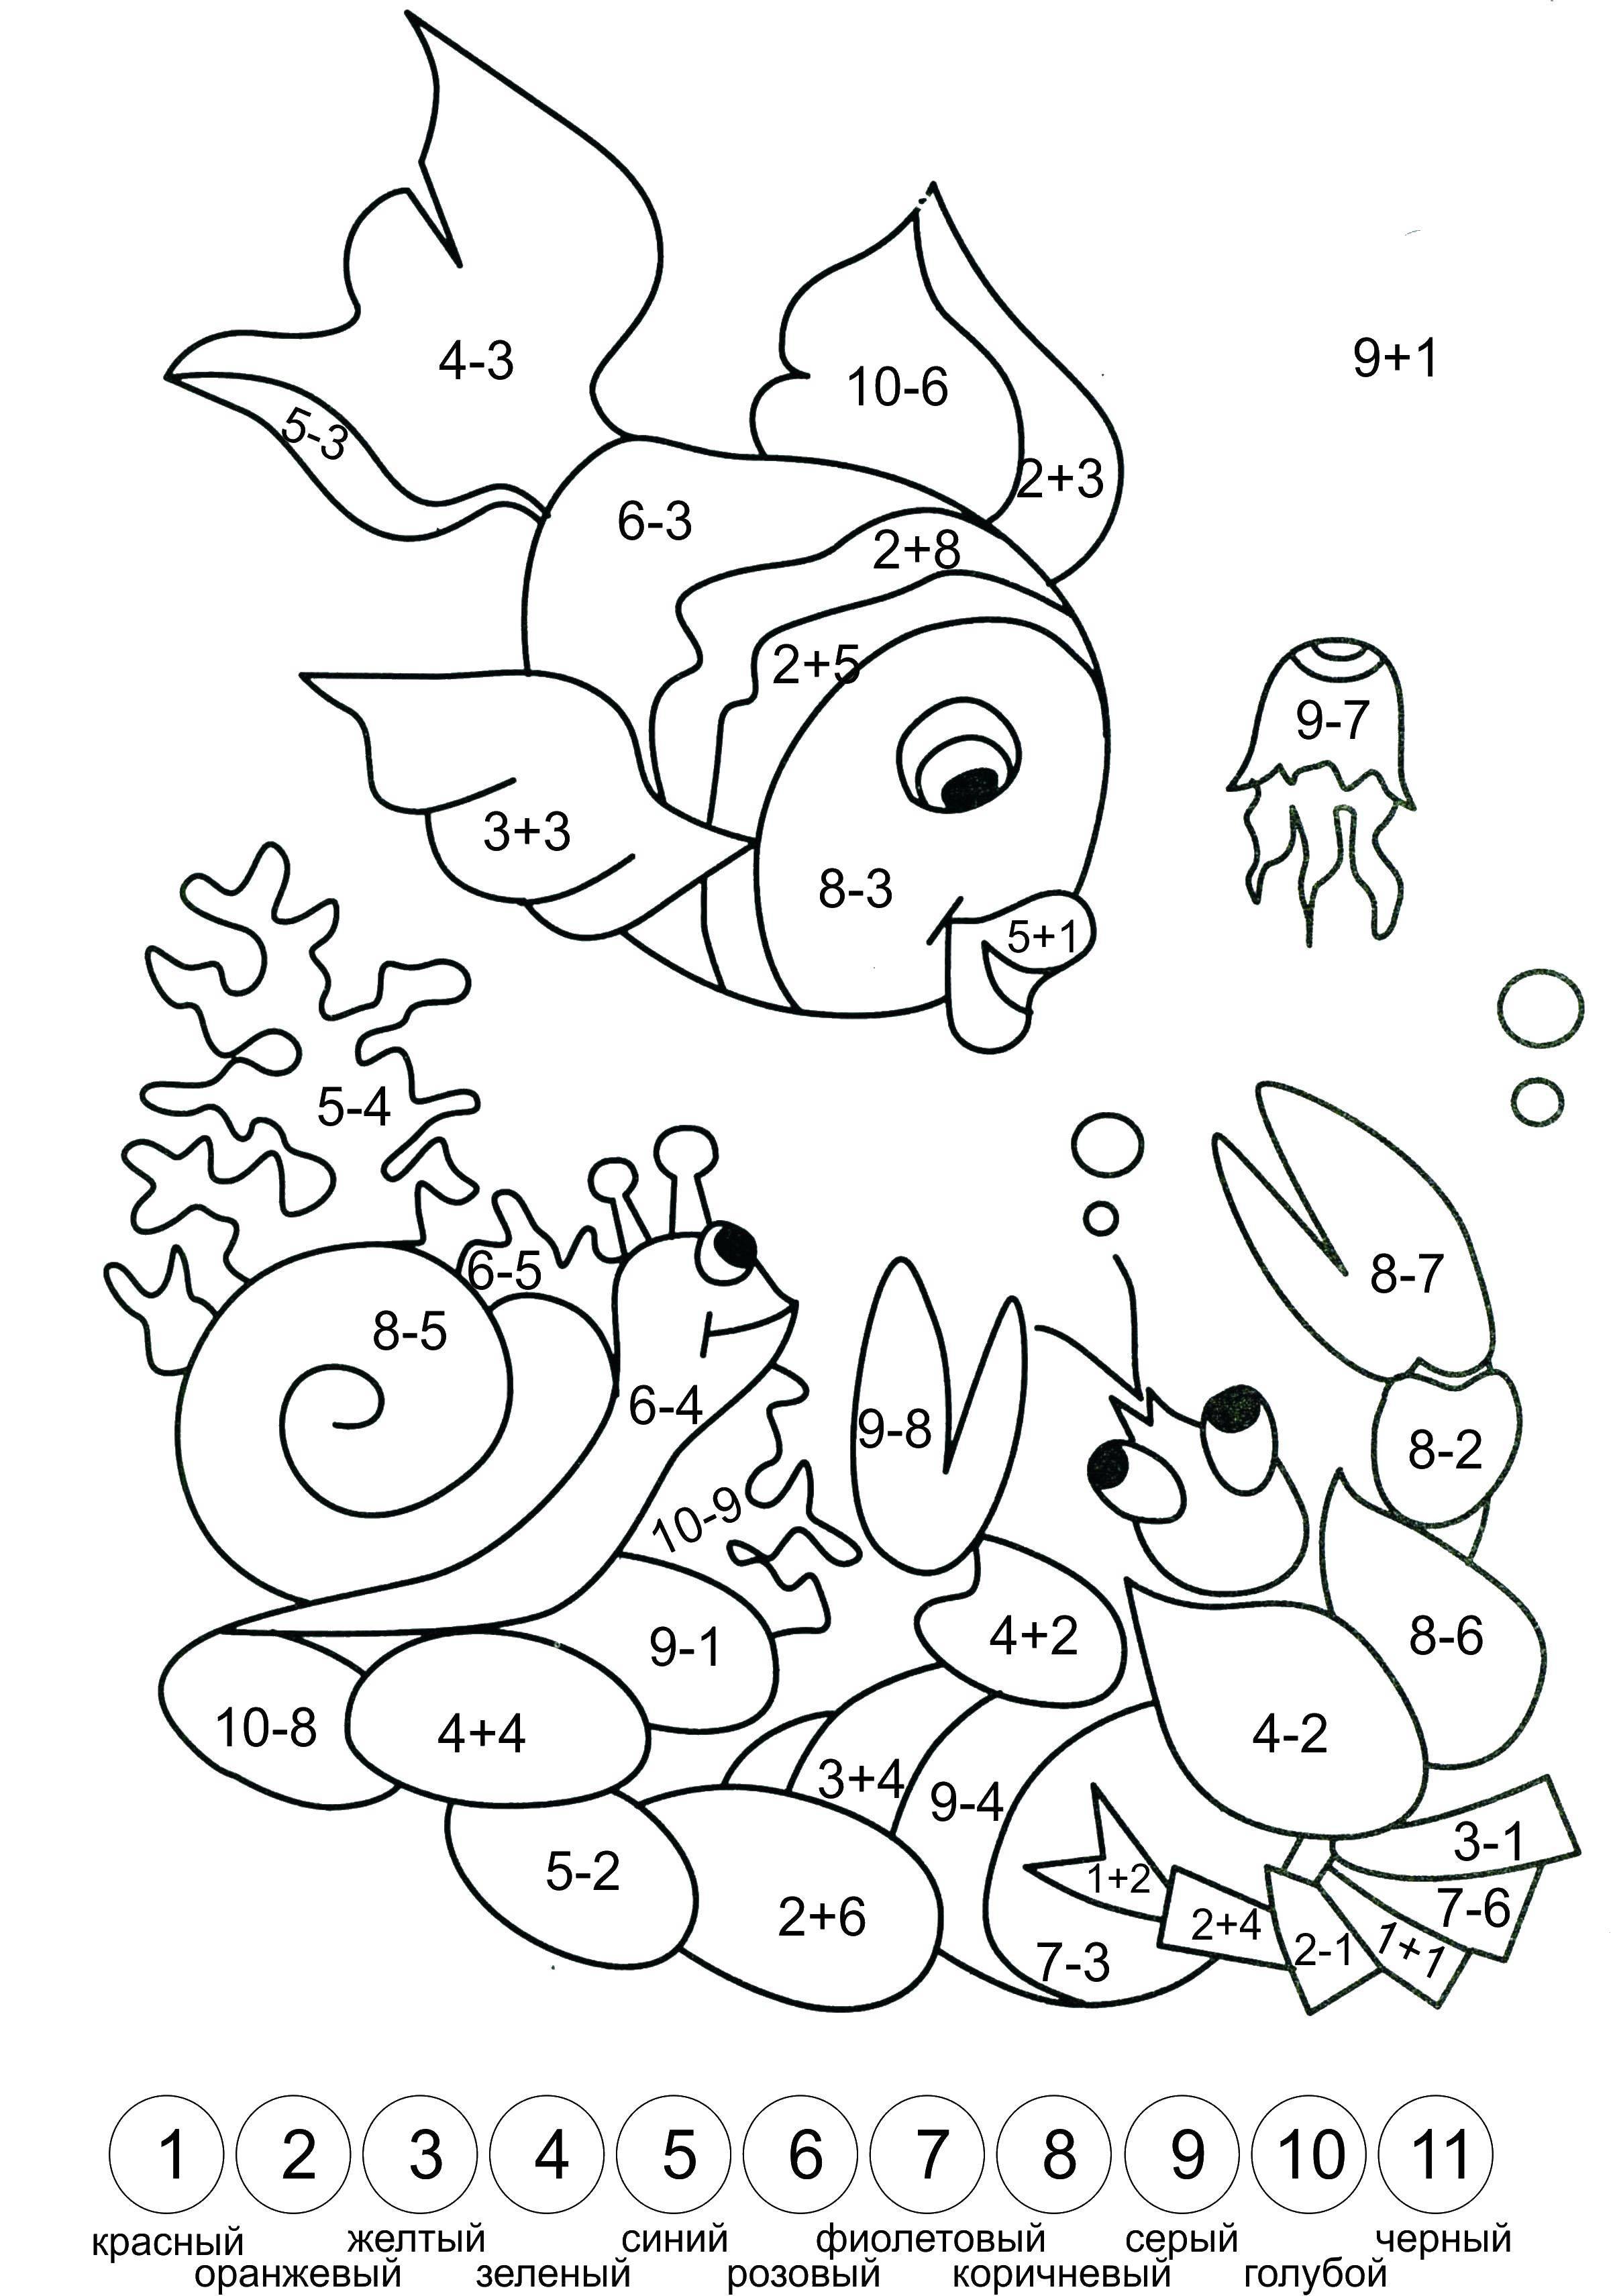 Раскраска Реши примеры и раскрась картинку по номерам Скачать примеры, рыбка, математика, подводный мир.  Распечатать ,математические раскраски,